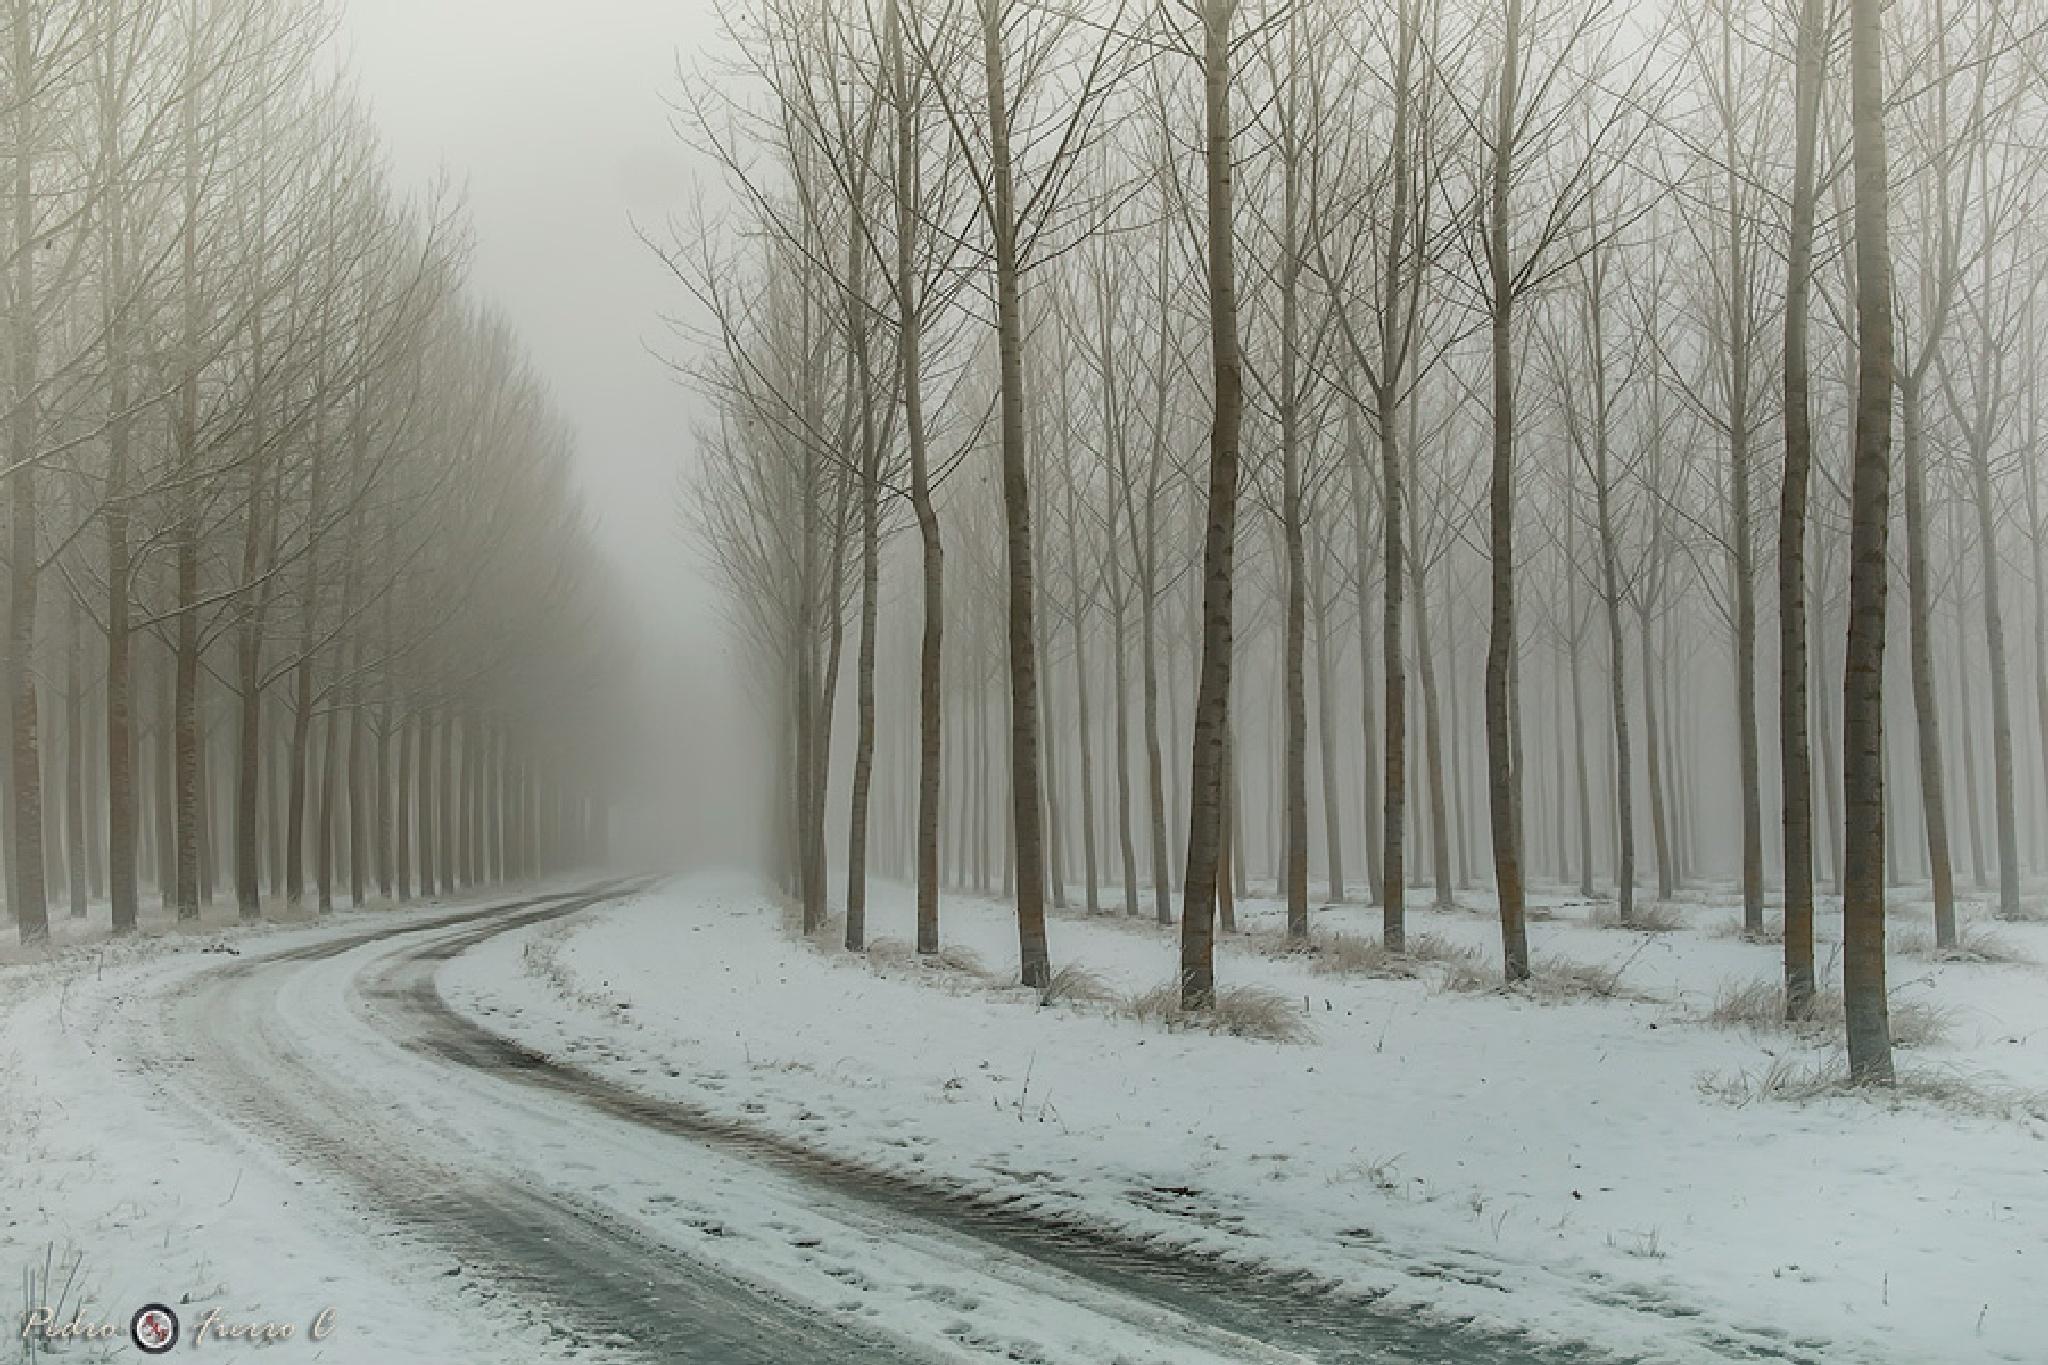 Niebla y frio... by Pedro Fierro C